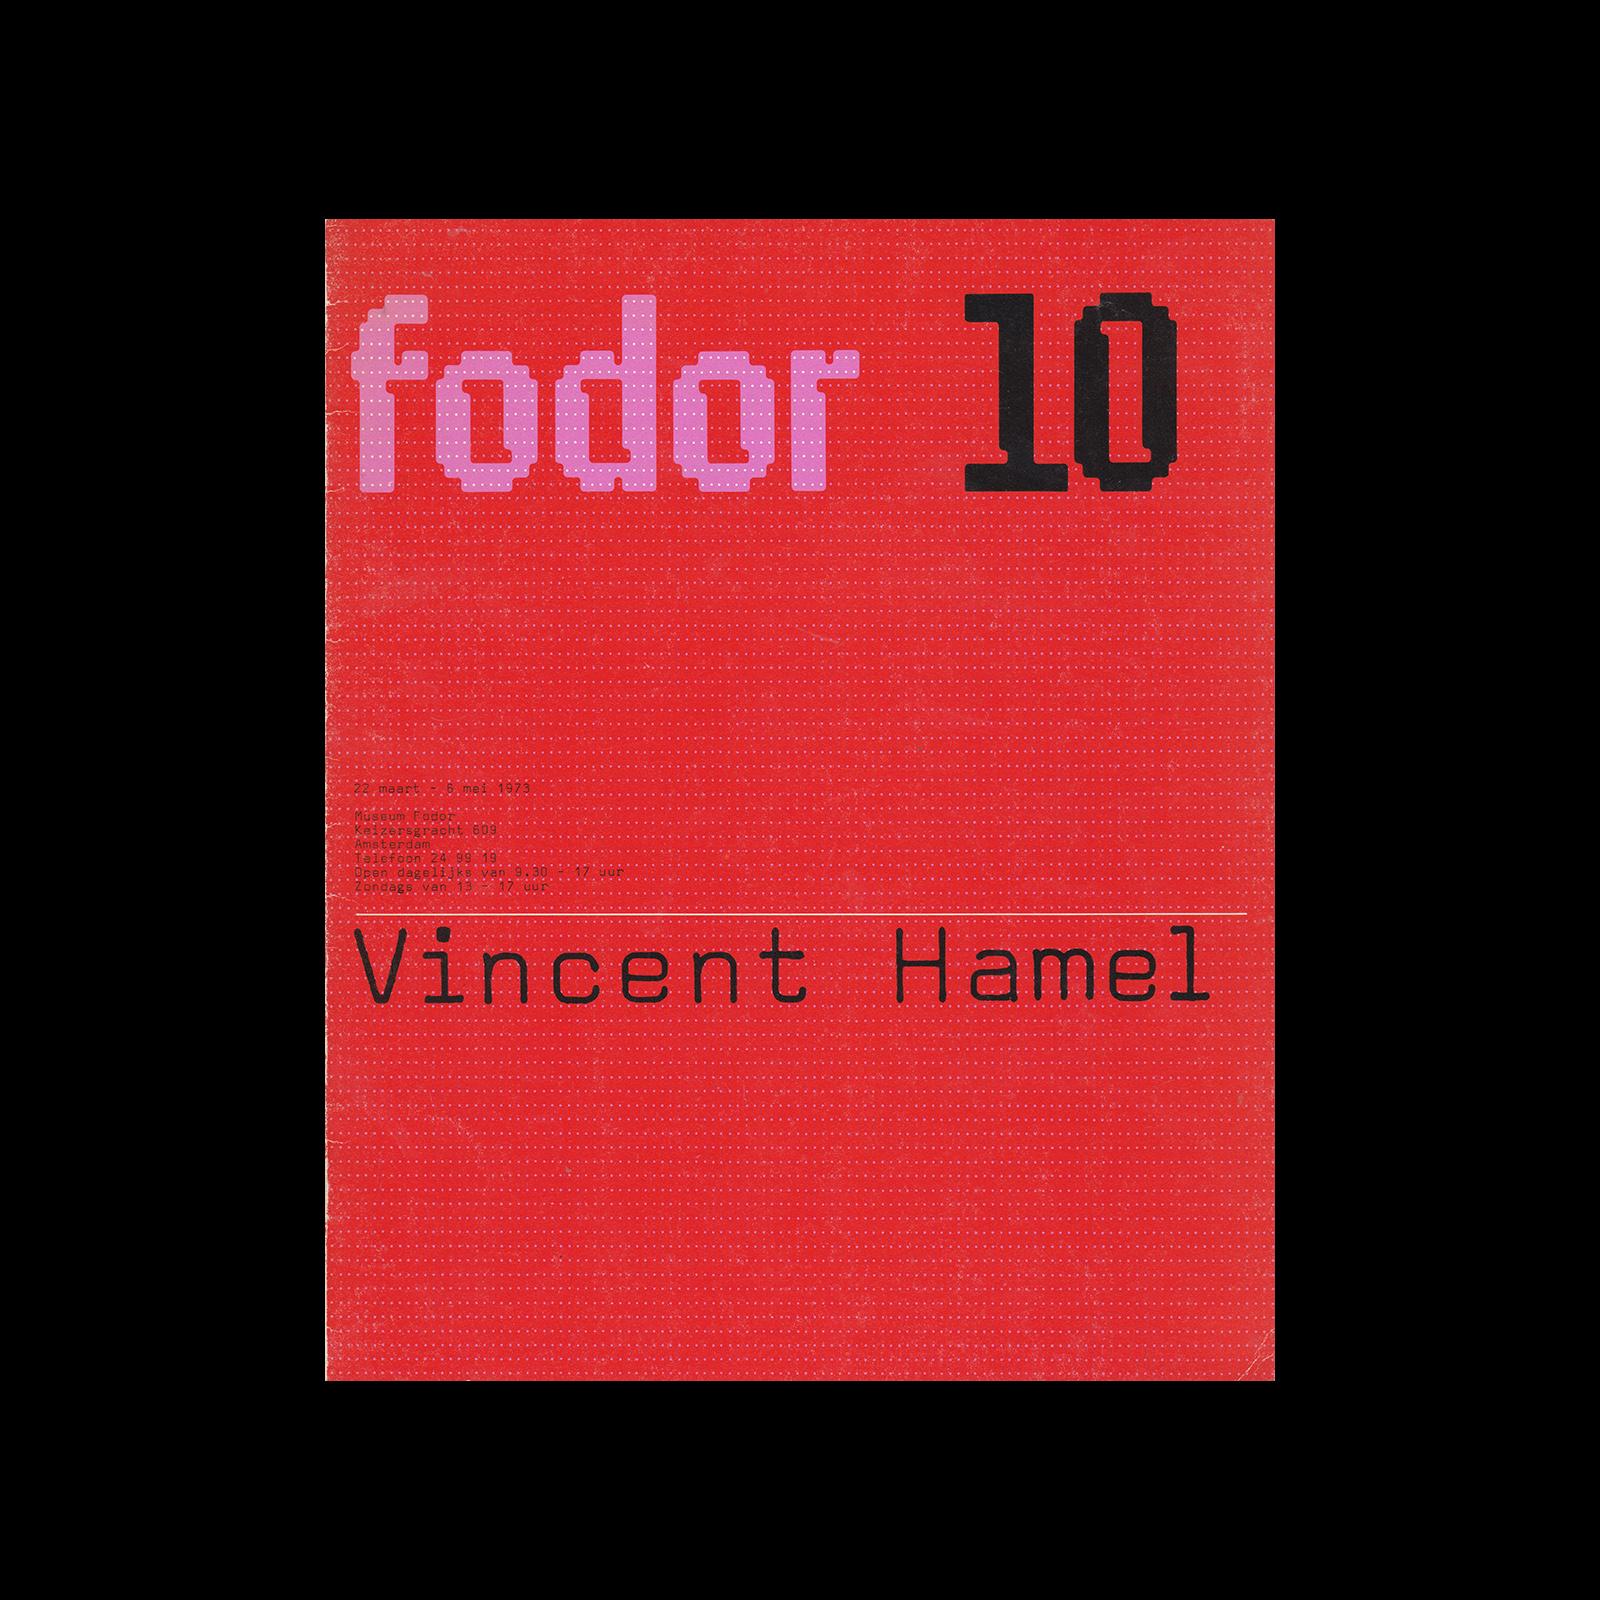 Fodor 10, 1973 - Vincent Hamel. Designed by Wim Crouwel and Dapne Duijvelshoff (Total Design).